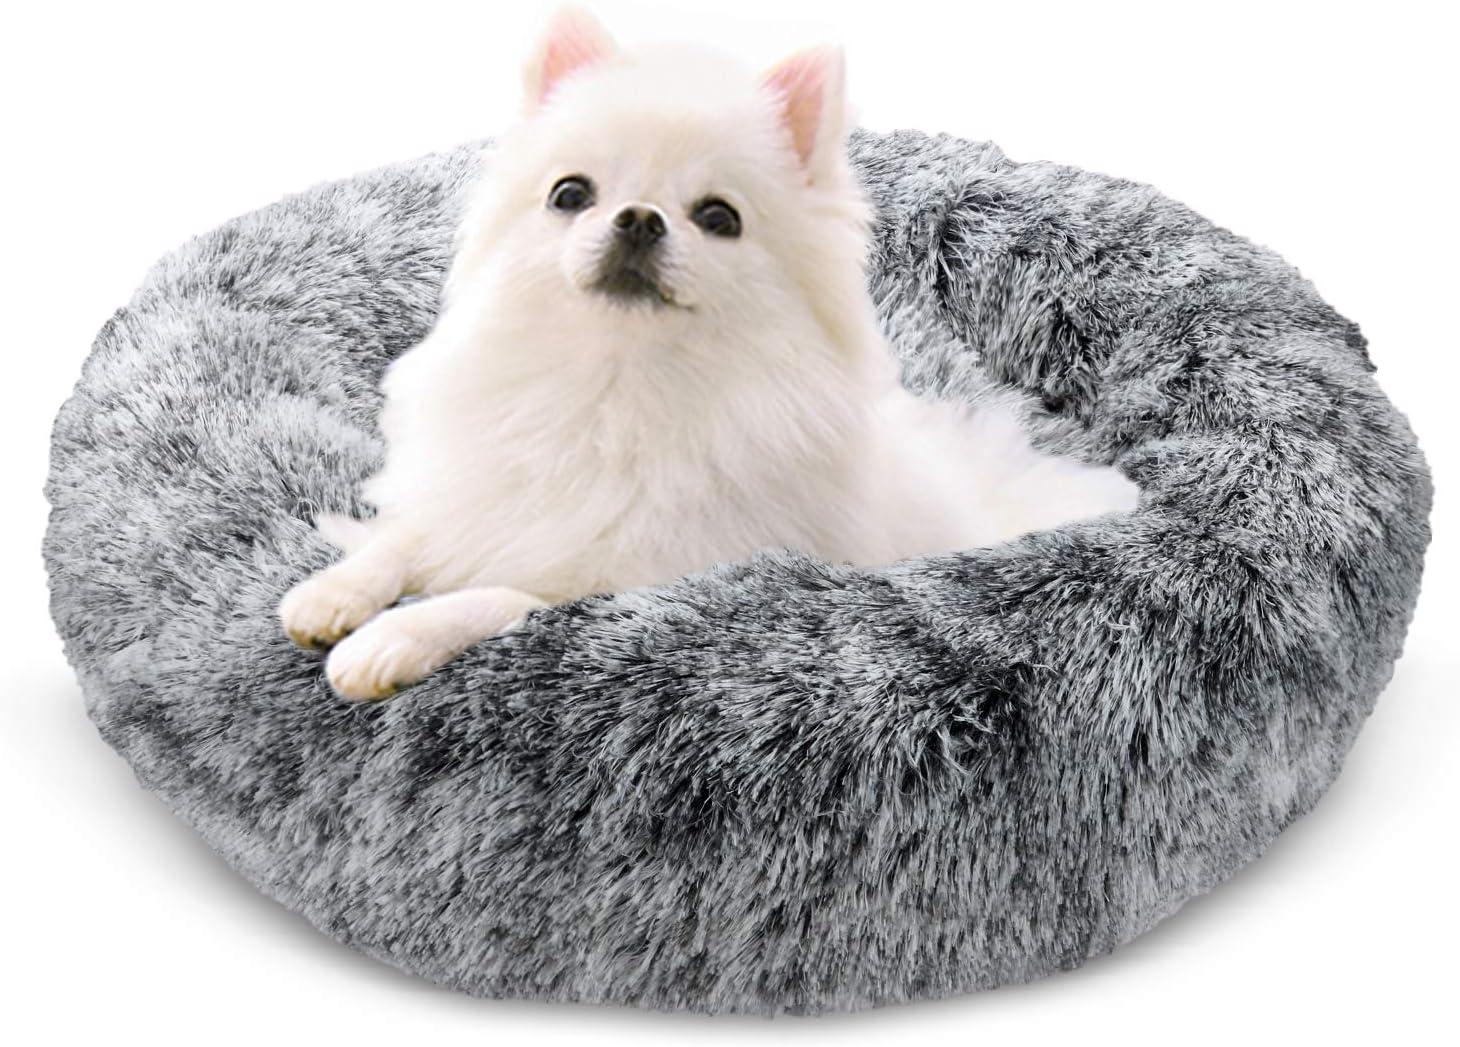 Cama con coj/ín para Mascotas para Perros y Gatos de tama/ño Mediano Cama para Gatos Donut para Perros de 60x60 cm Juguete de Felpa de Piel sint/ética Pelusa Docatgo Cama para Mascotas